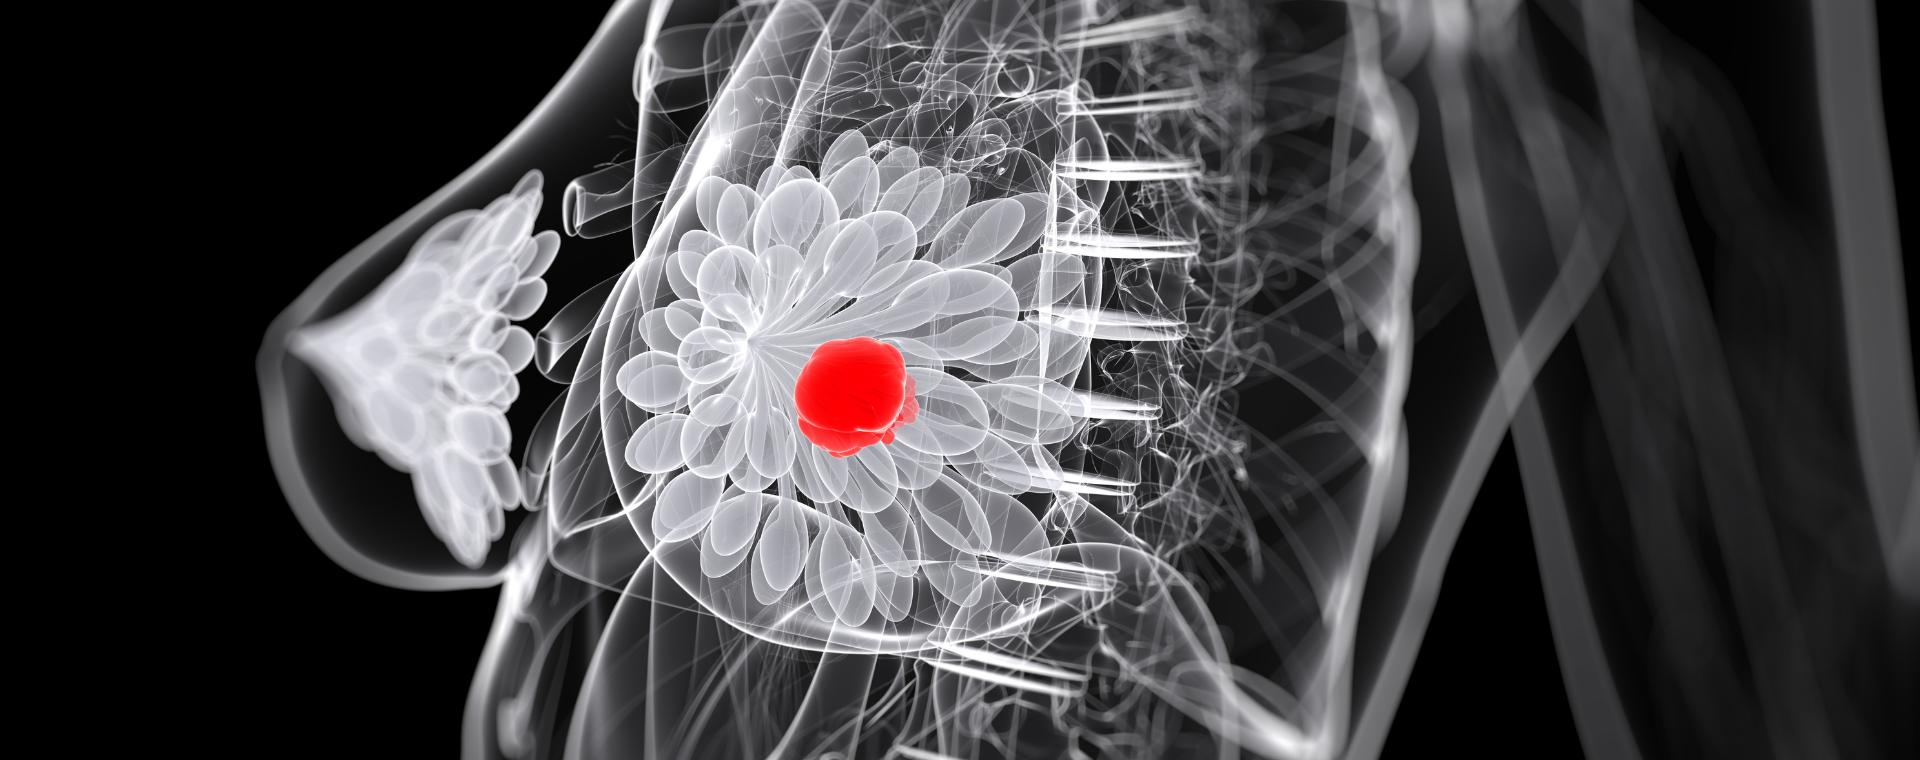 Tumore al seno: individuato processo che ne aumenta espansione e propagazione